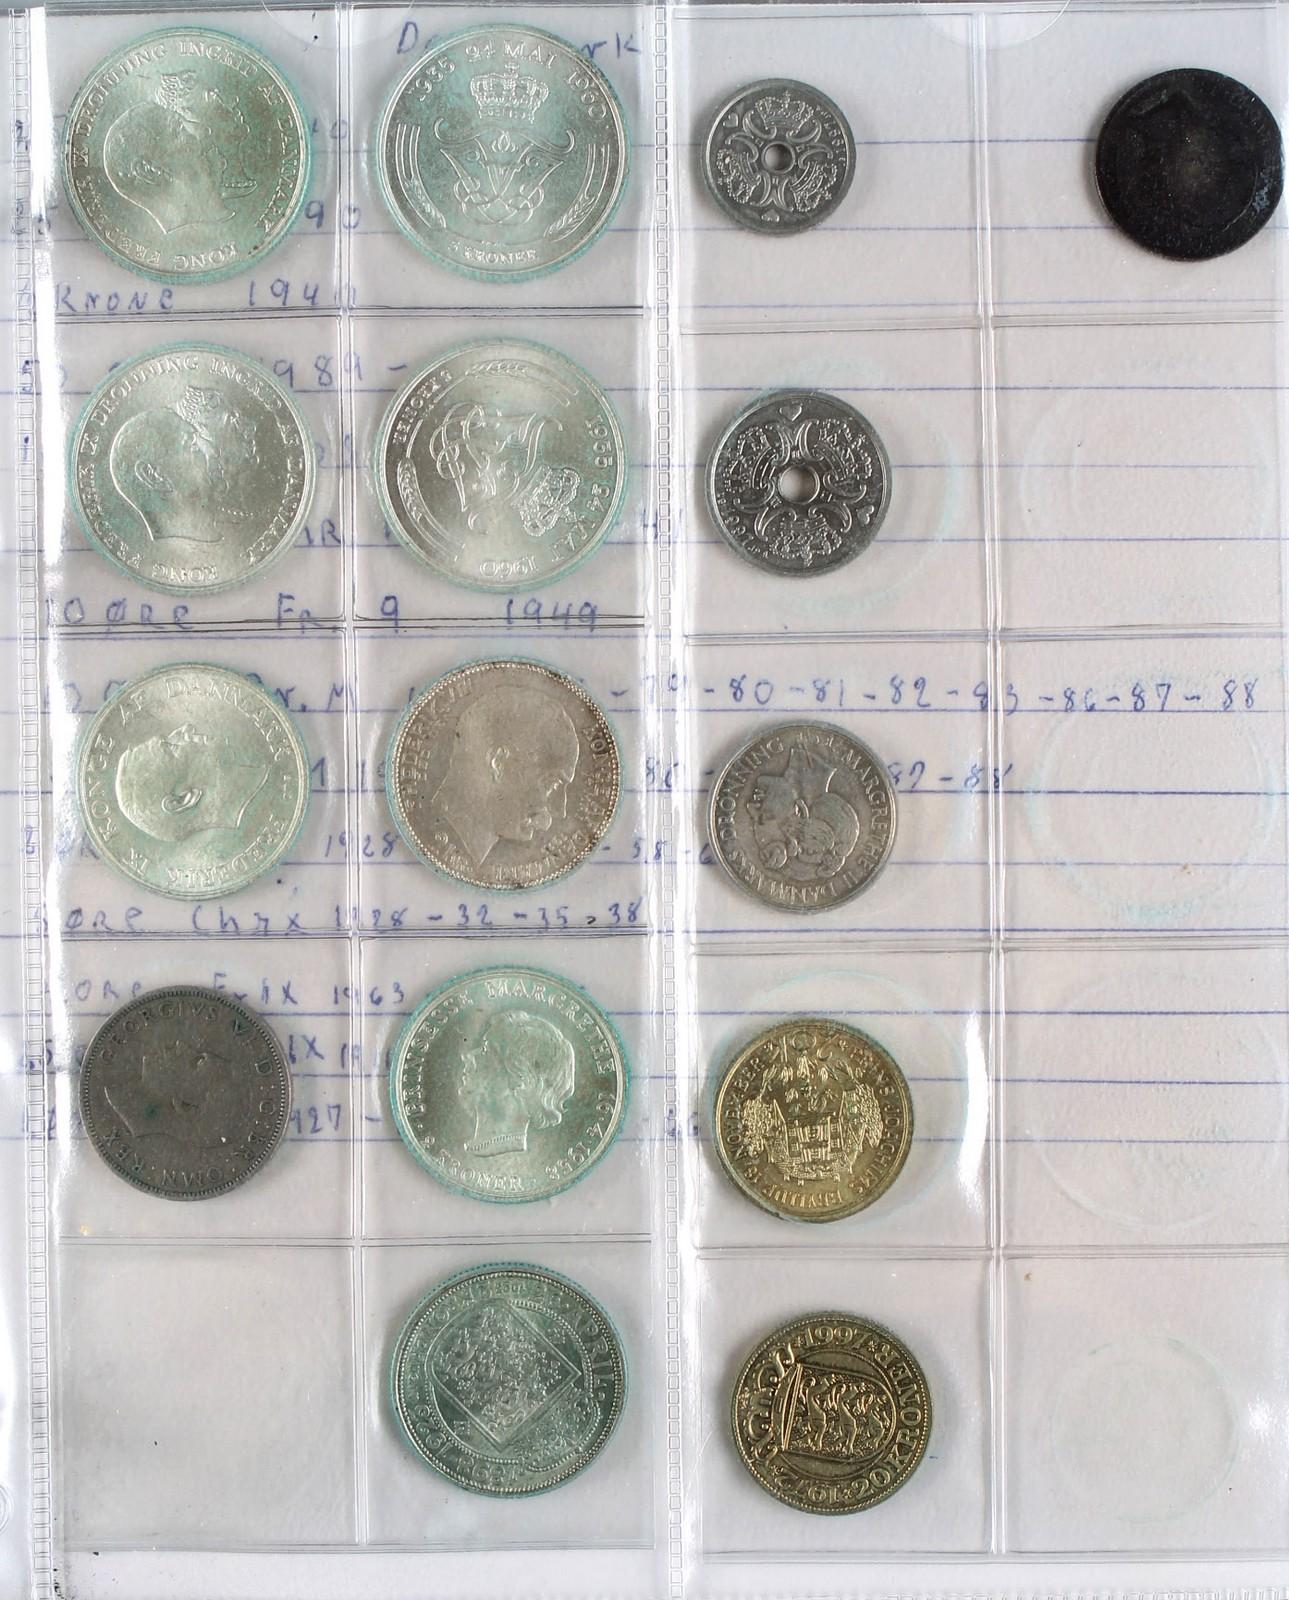 Møntsamling - Møntsamling. Ringbind med bl.a. Danske og Norske erindringsmønter, samt mønter fra div. lande